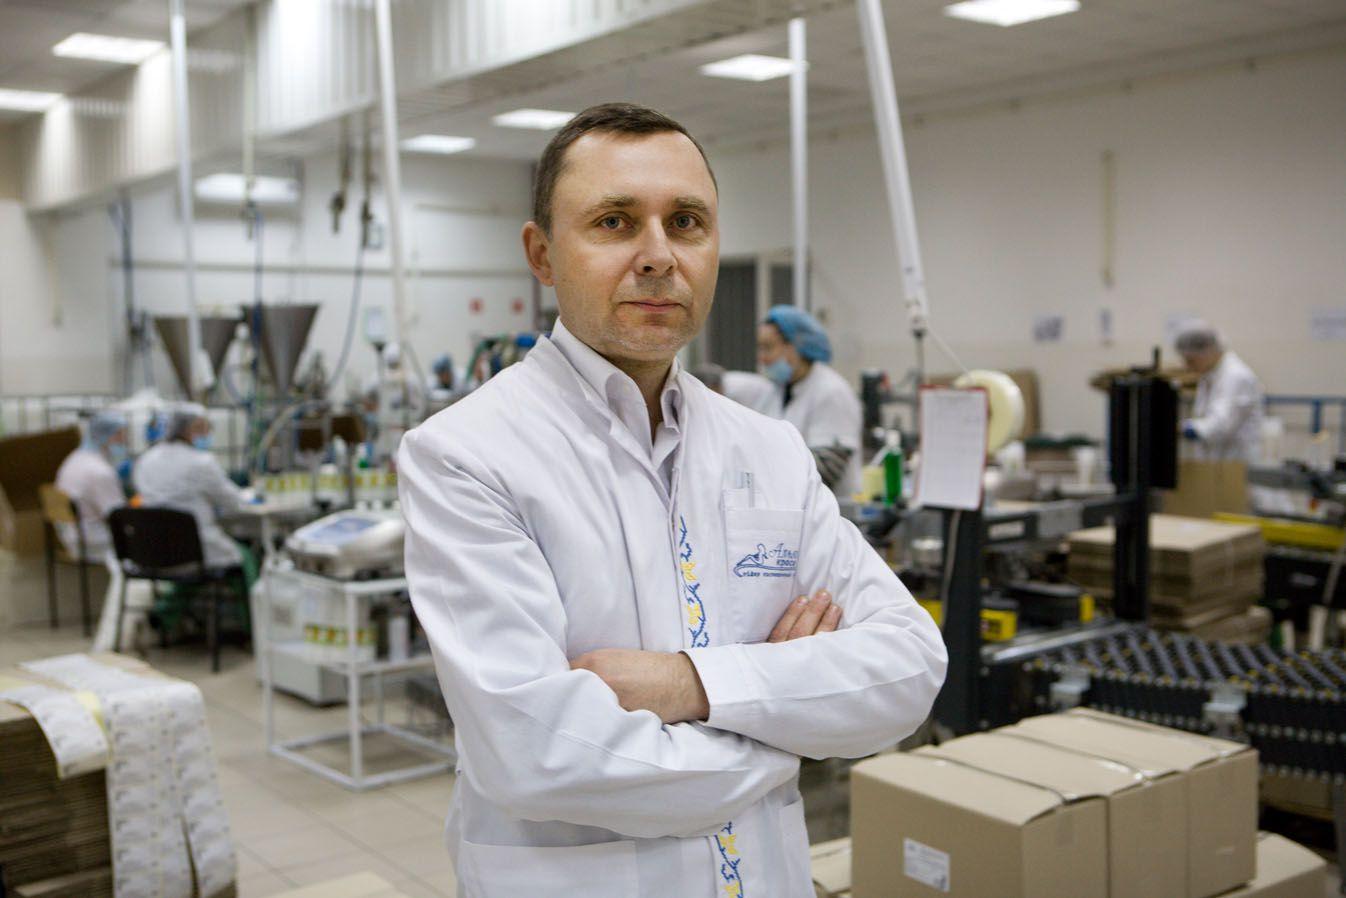 Українська компанія «Альянс краси» допомагає боротися з коронавірусом на Київщині